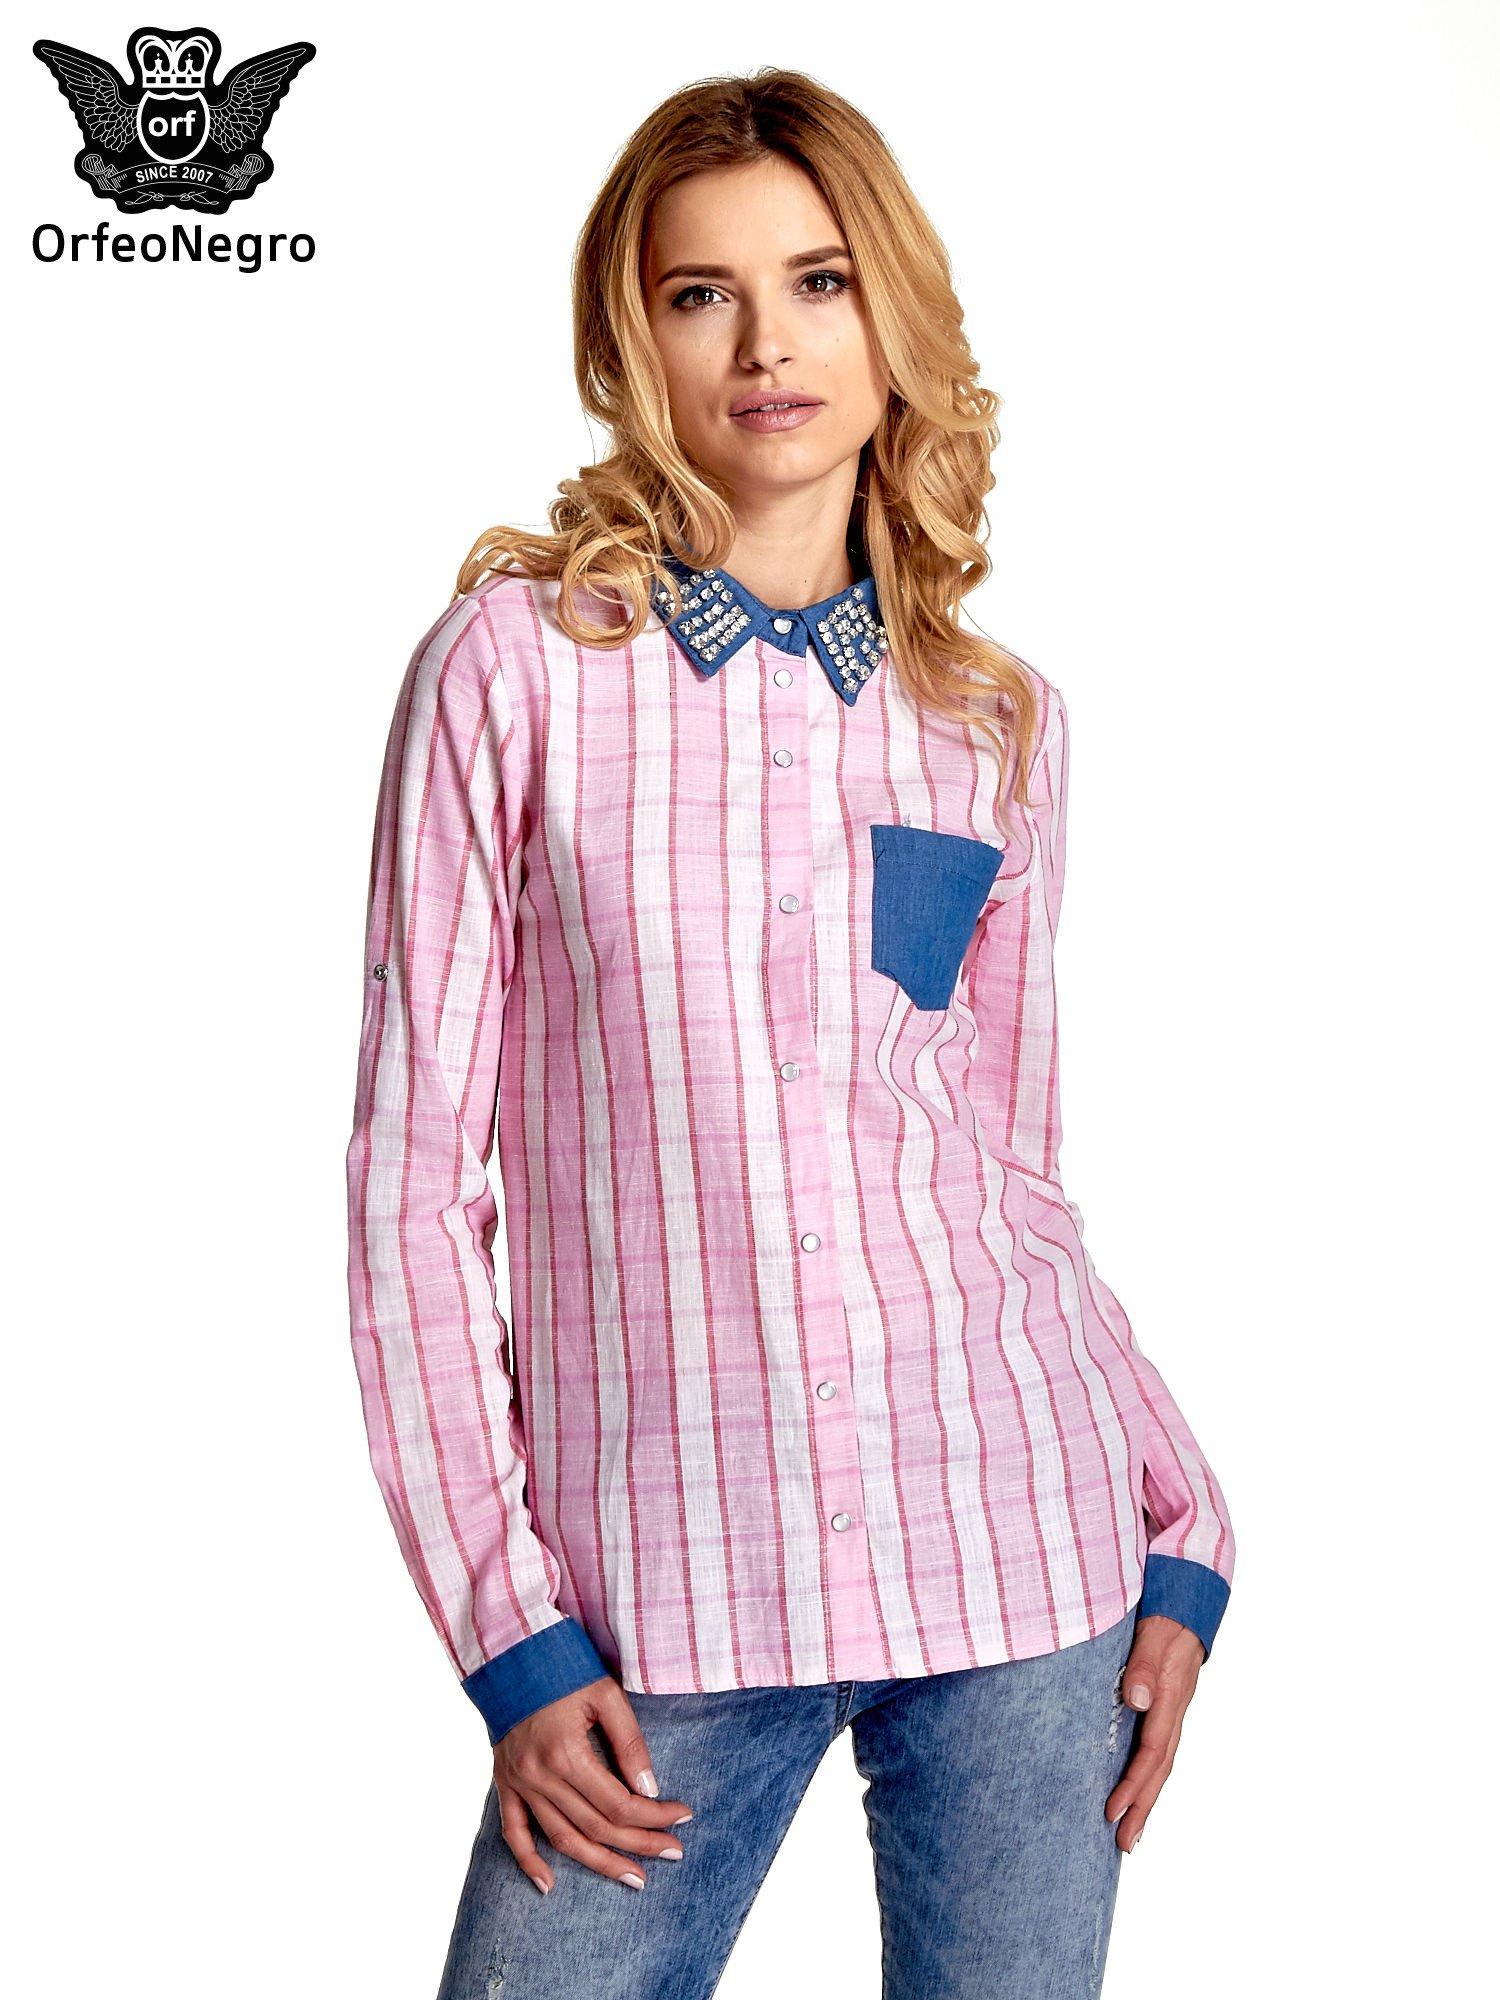 Różowa koszula w kratę z kołnierzykiem, mankietami i kieszonką z ciemnego denimu                                  zdj.                                  1